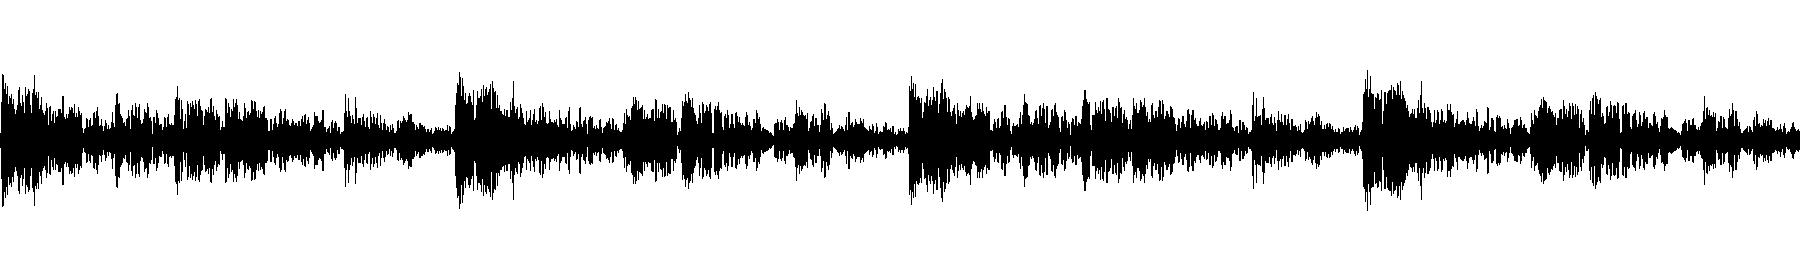 blbc cinedrumsa 110 04